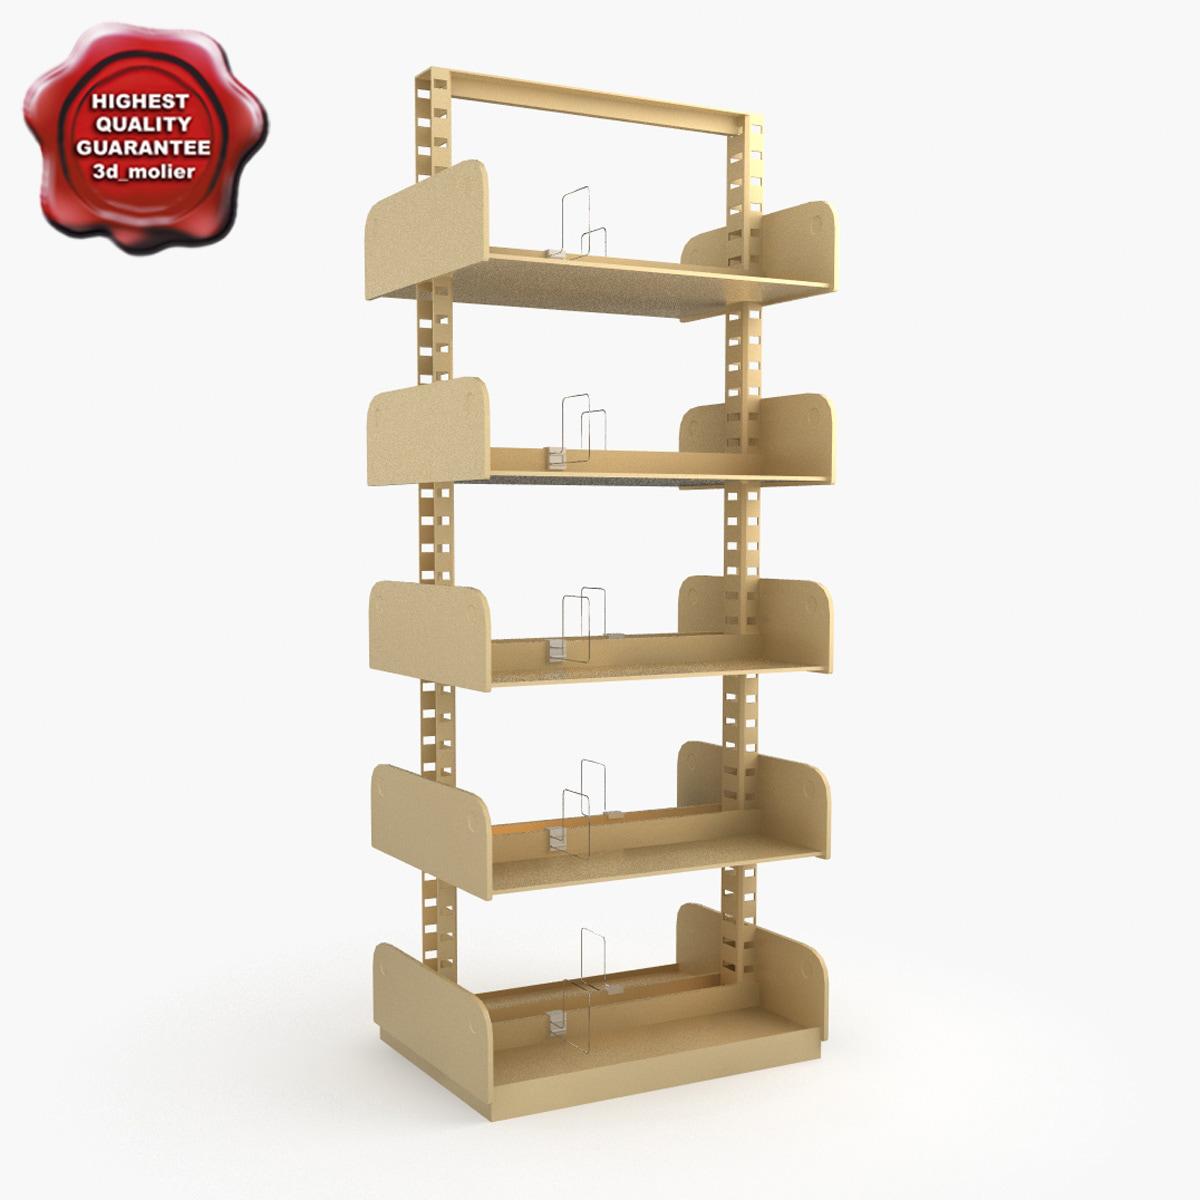 Bookshelves_V3_00.jpg